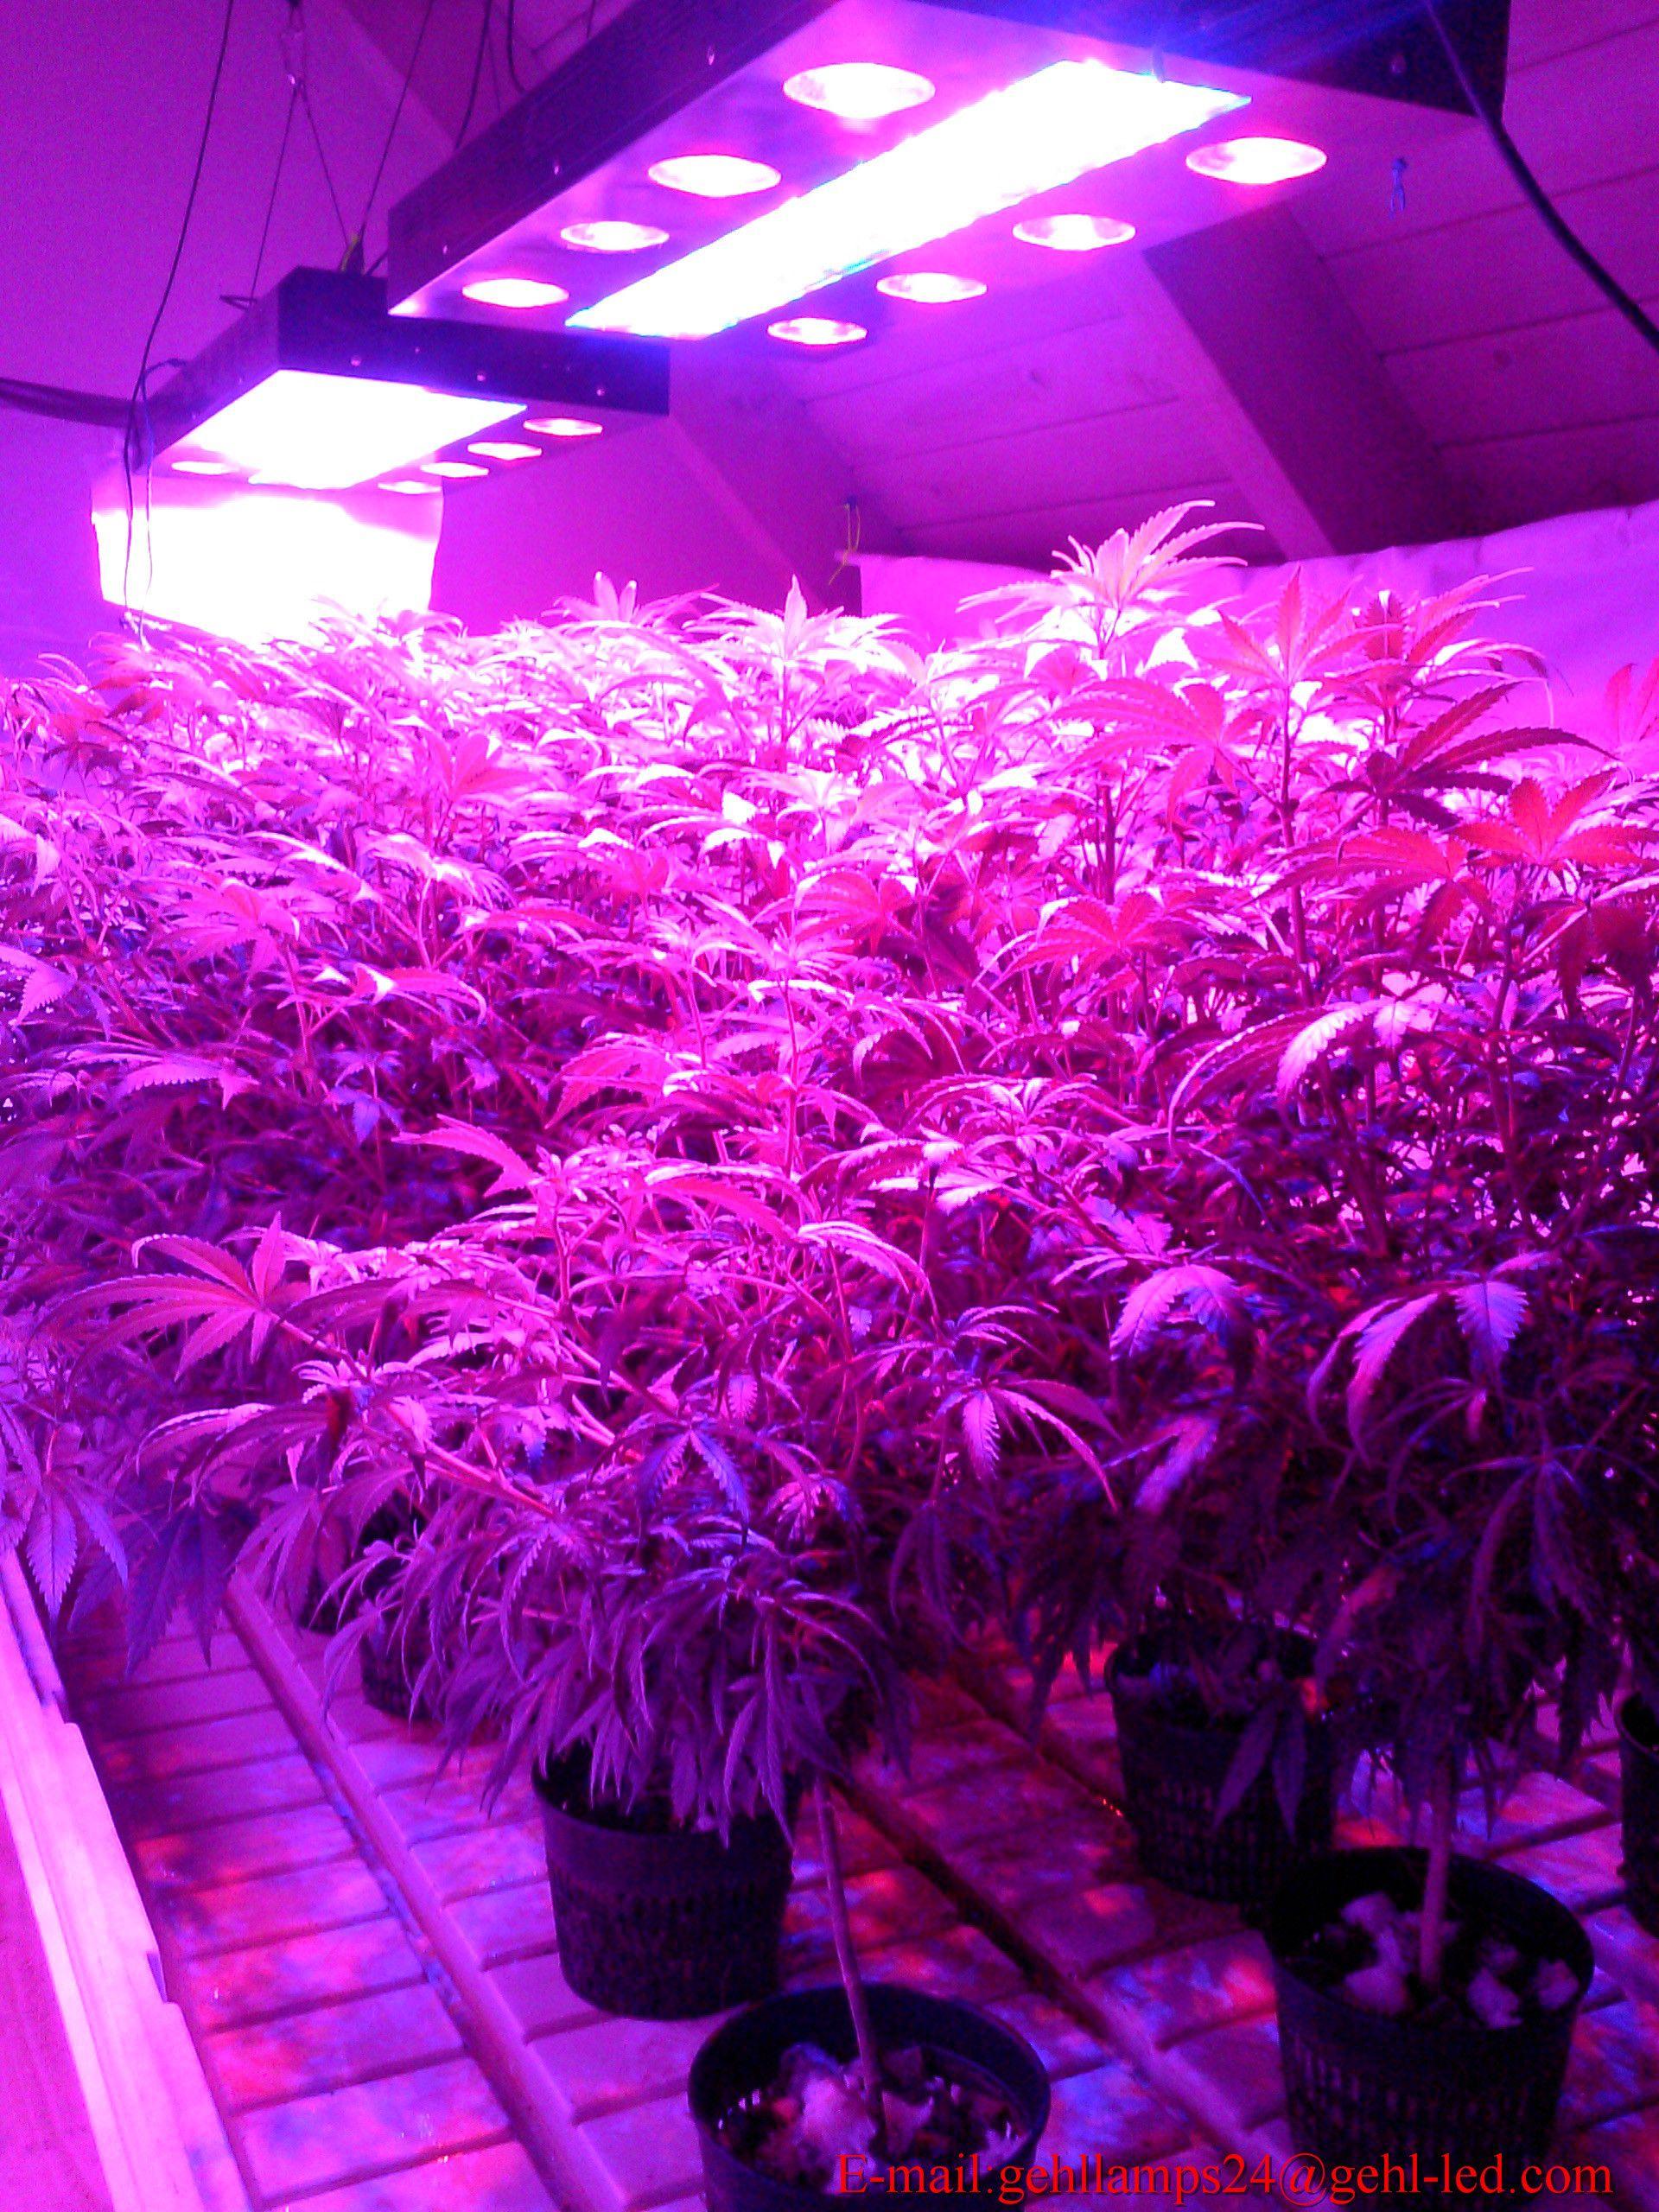 Full Spectrum Led Grow Lights Reviews 1000w Led Grow Light Led